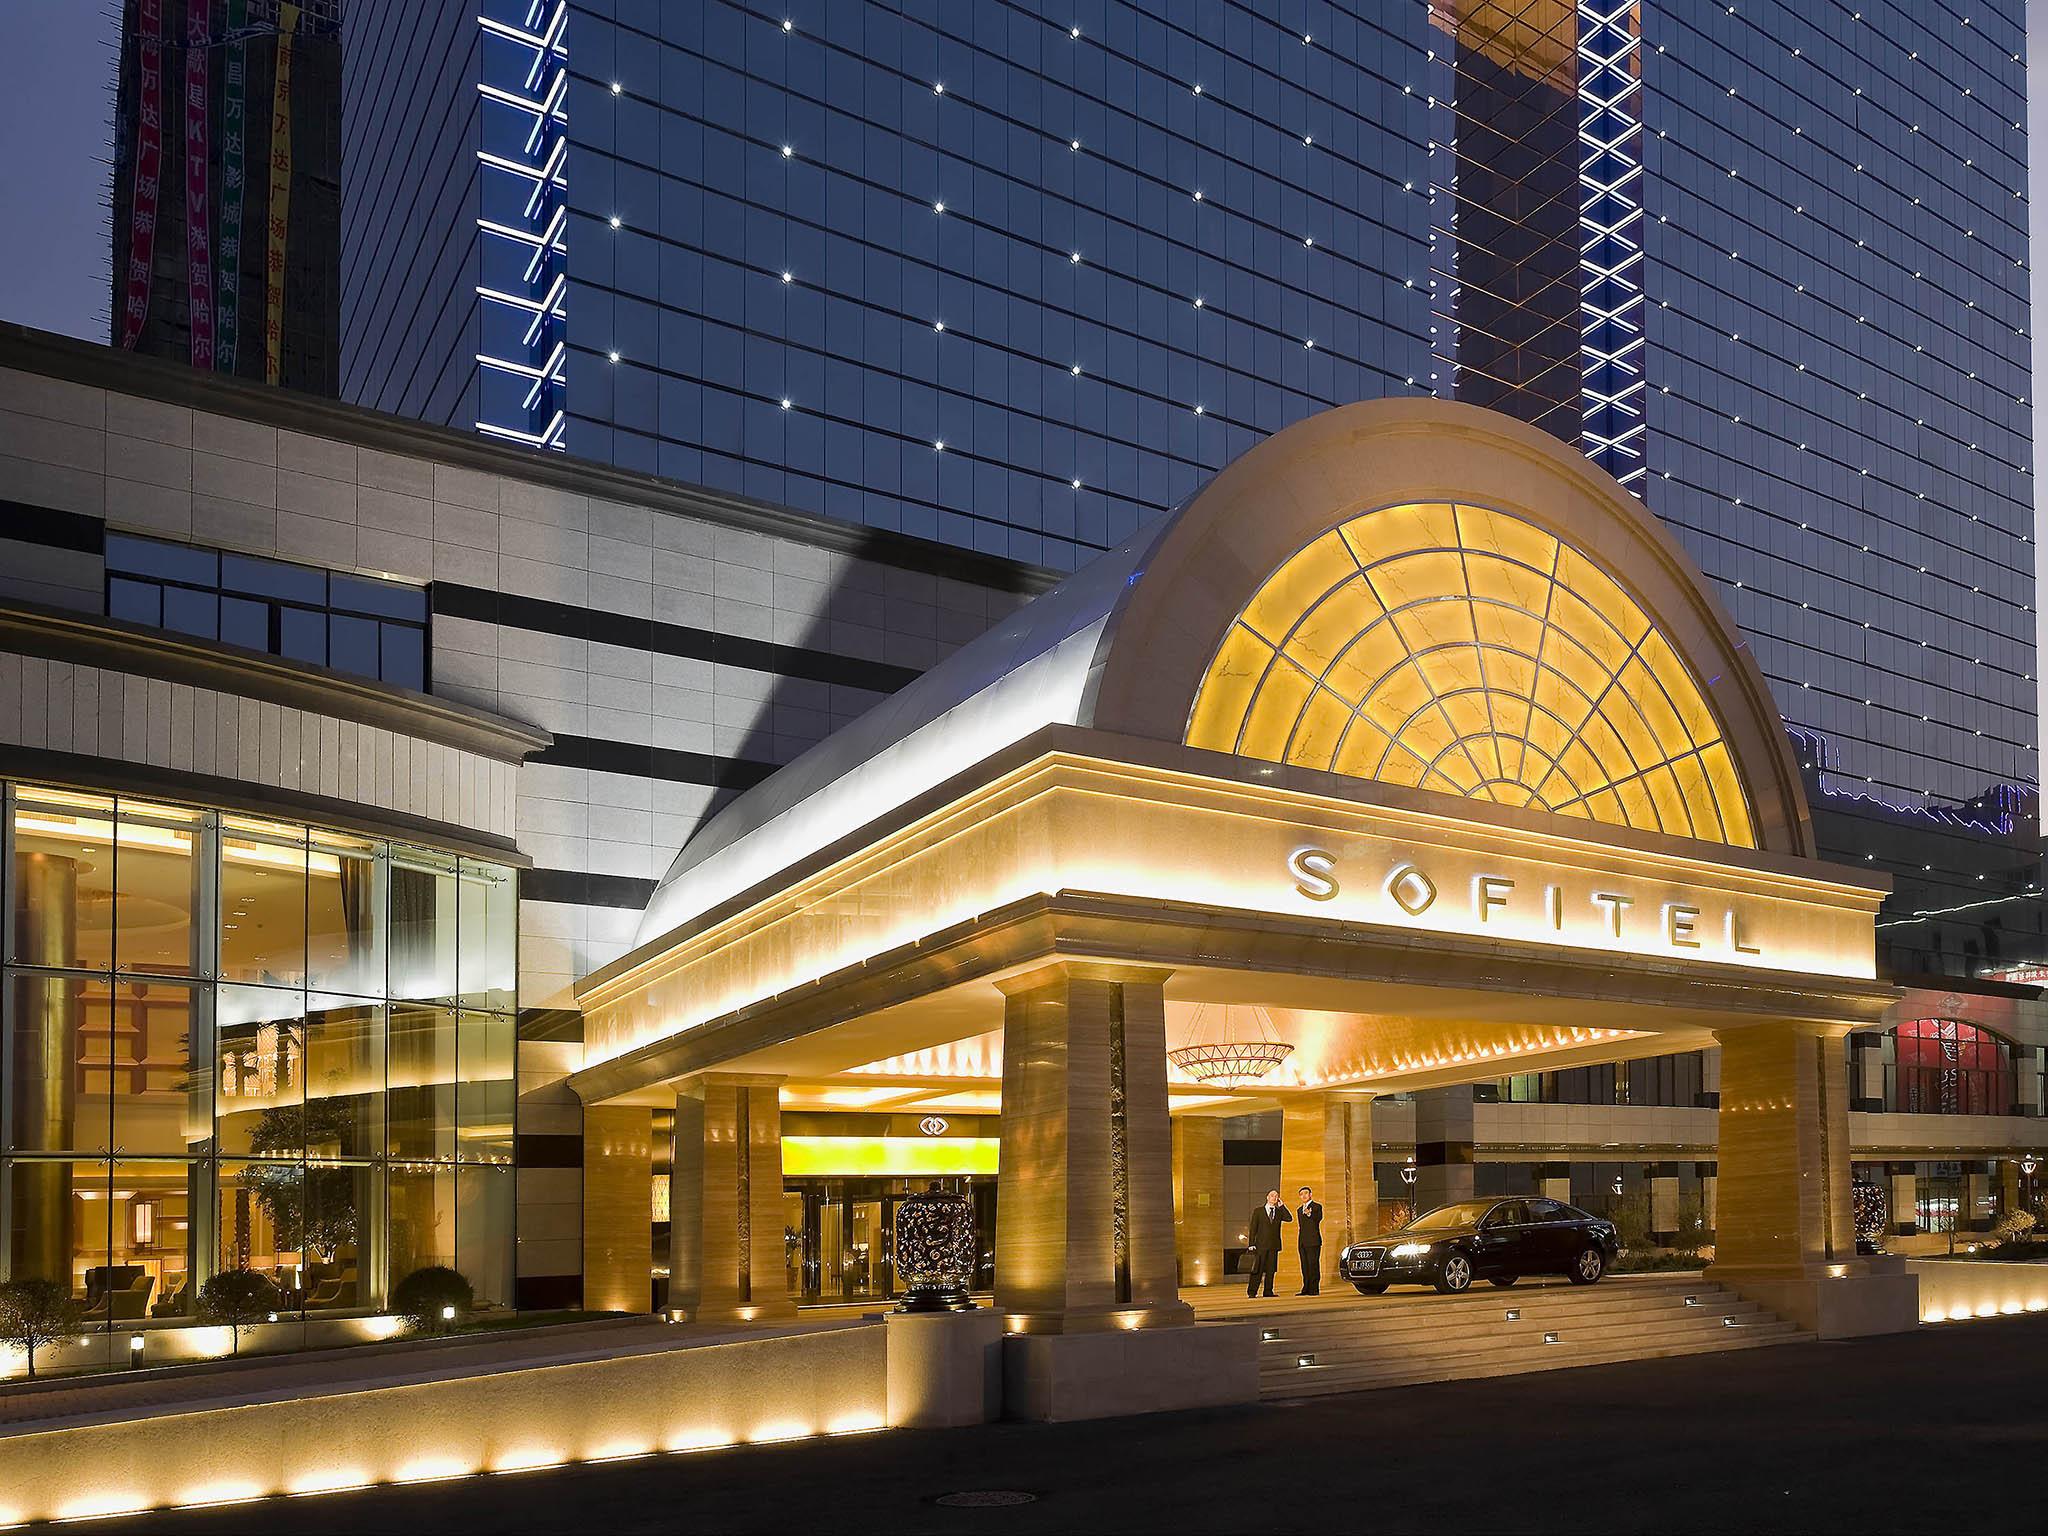 酒店 – 哈尔滨索菲特酒店